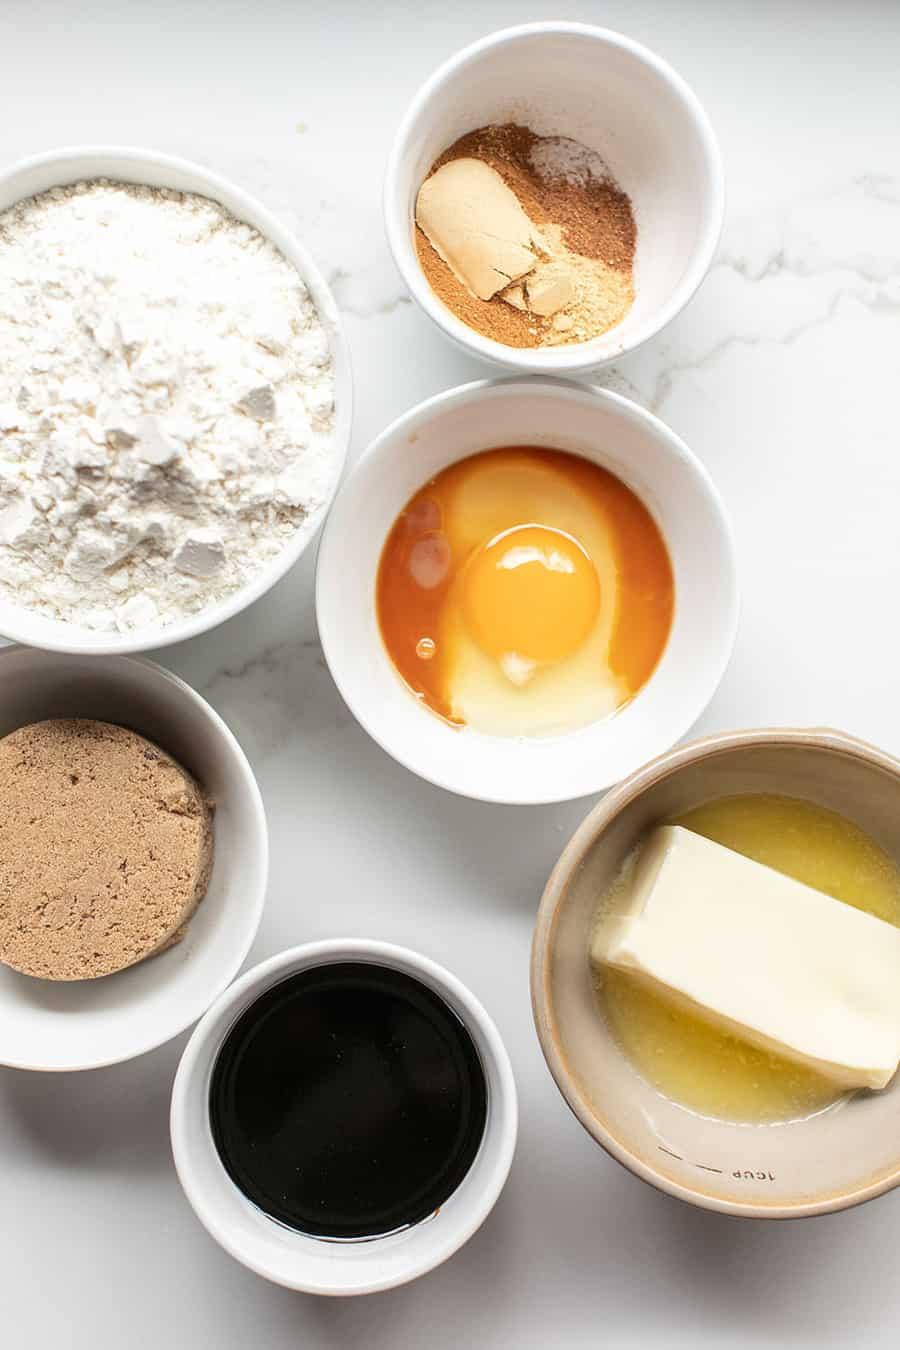 Ingredients to make gingerbread cookies